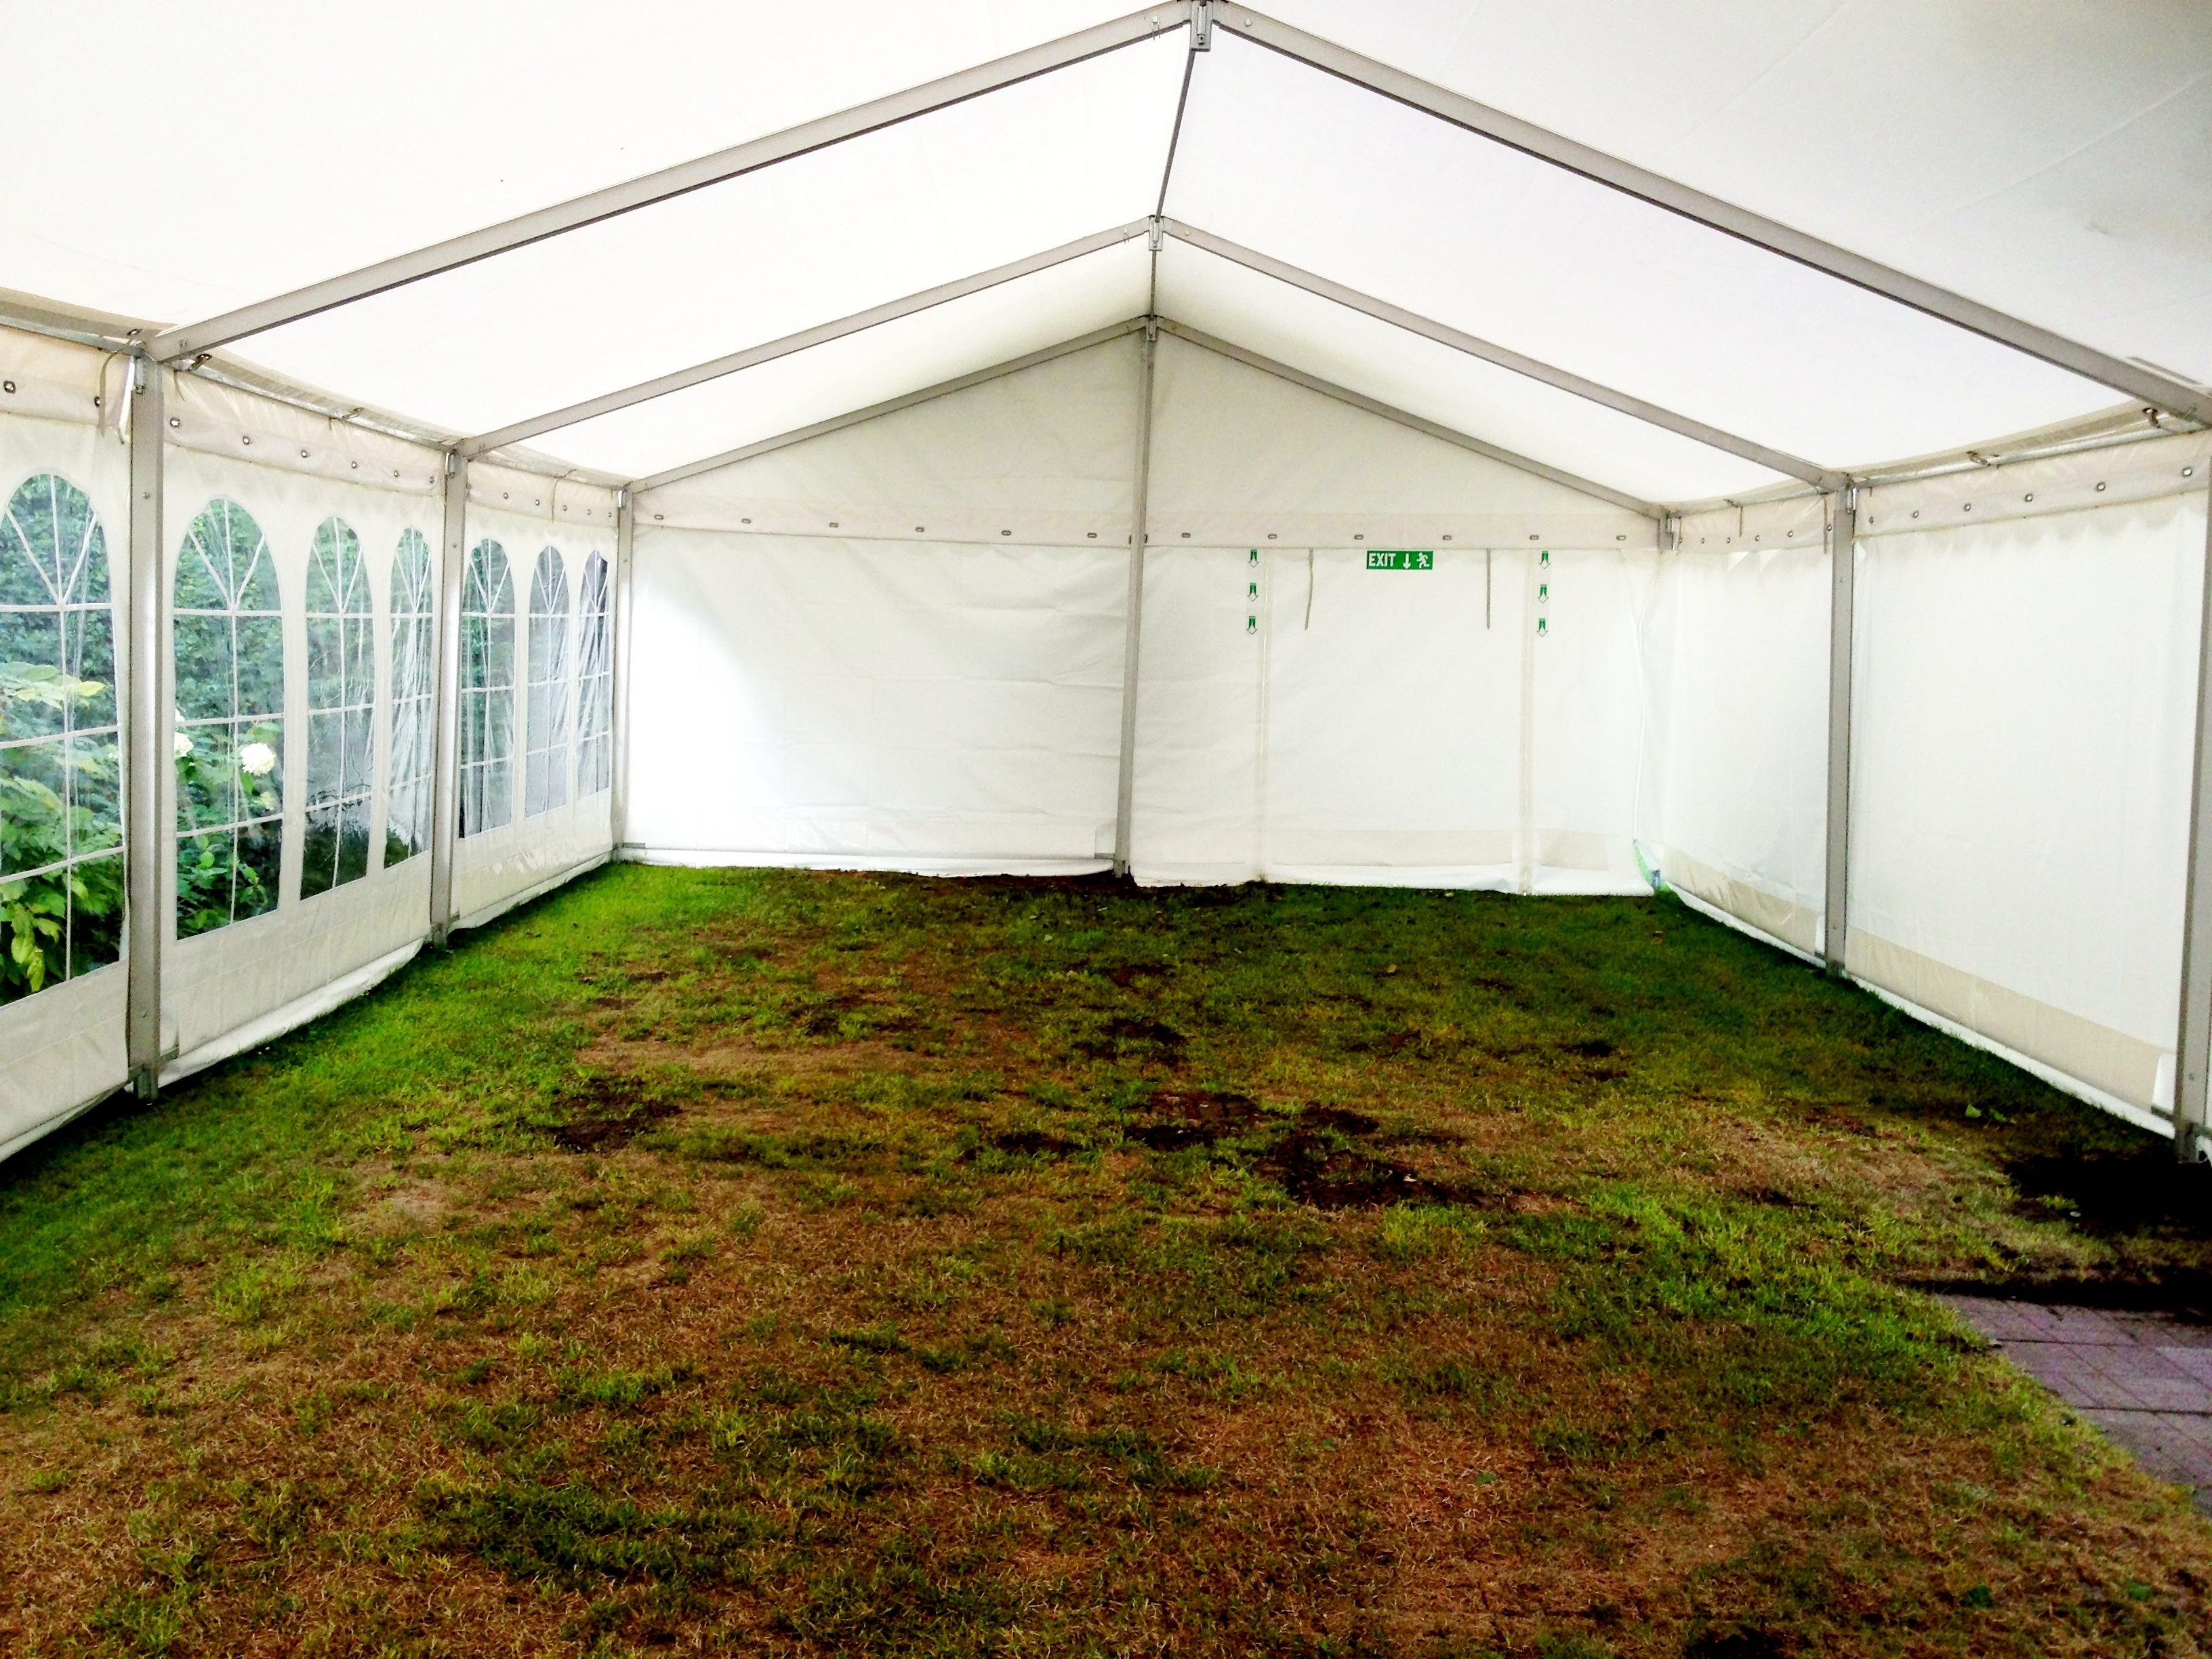 Lej 6x6 meter festtelt | Udlejning af telt til 24 36 personer